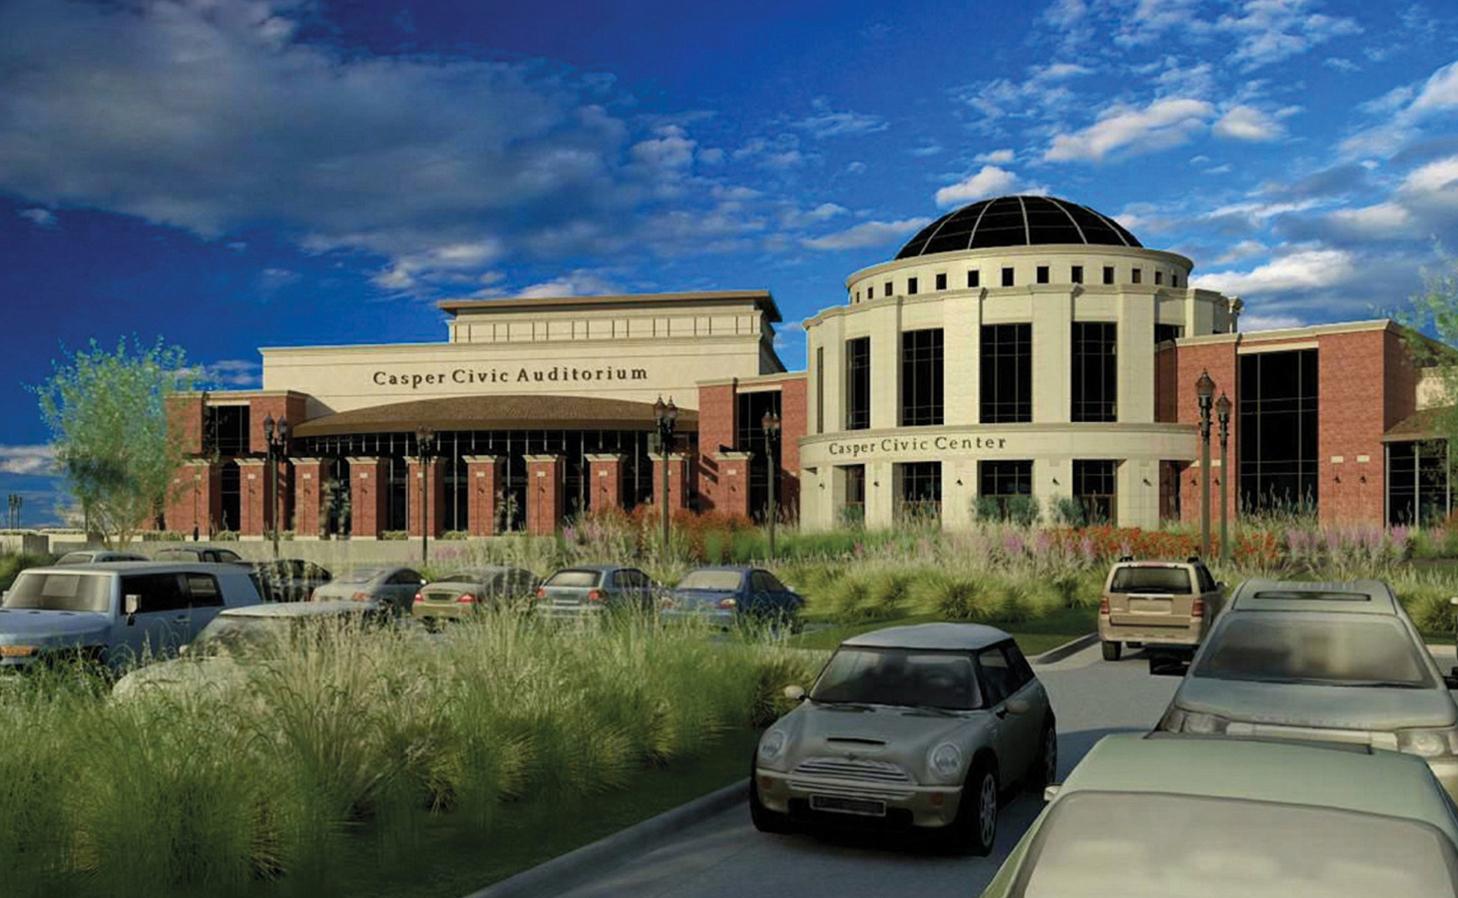 Casper Civic Auditorium.jpg